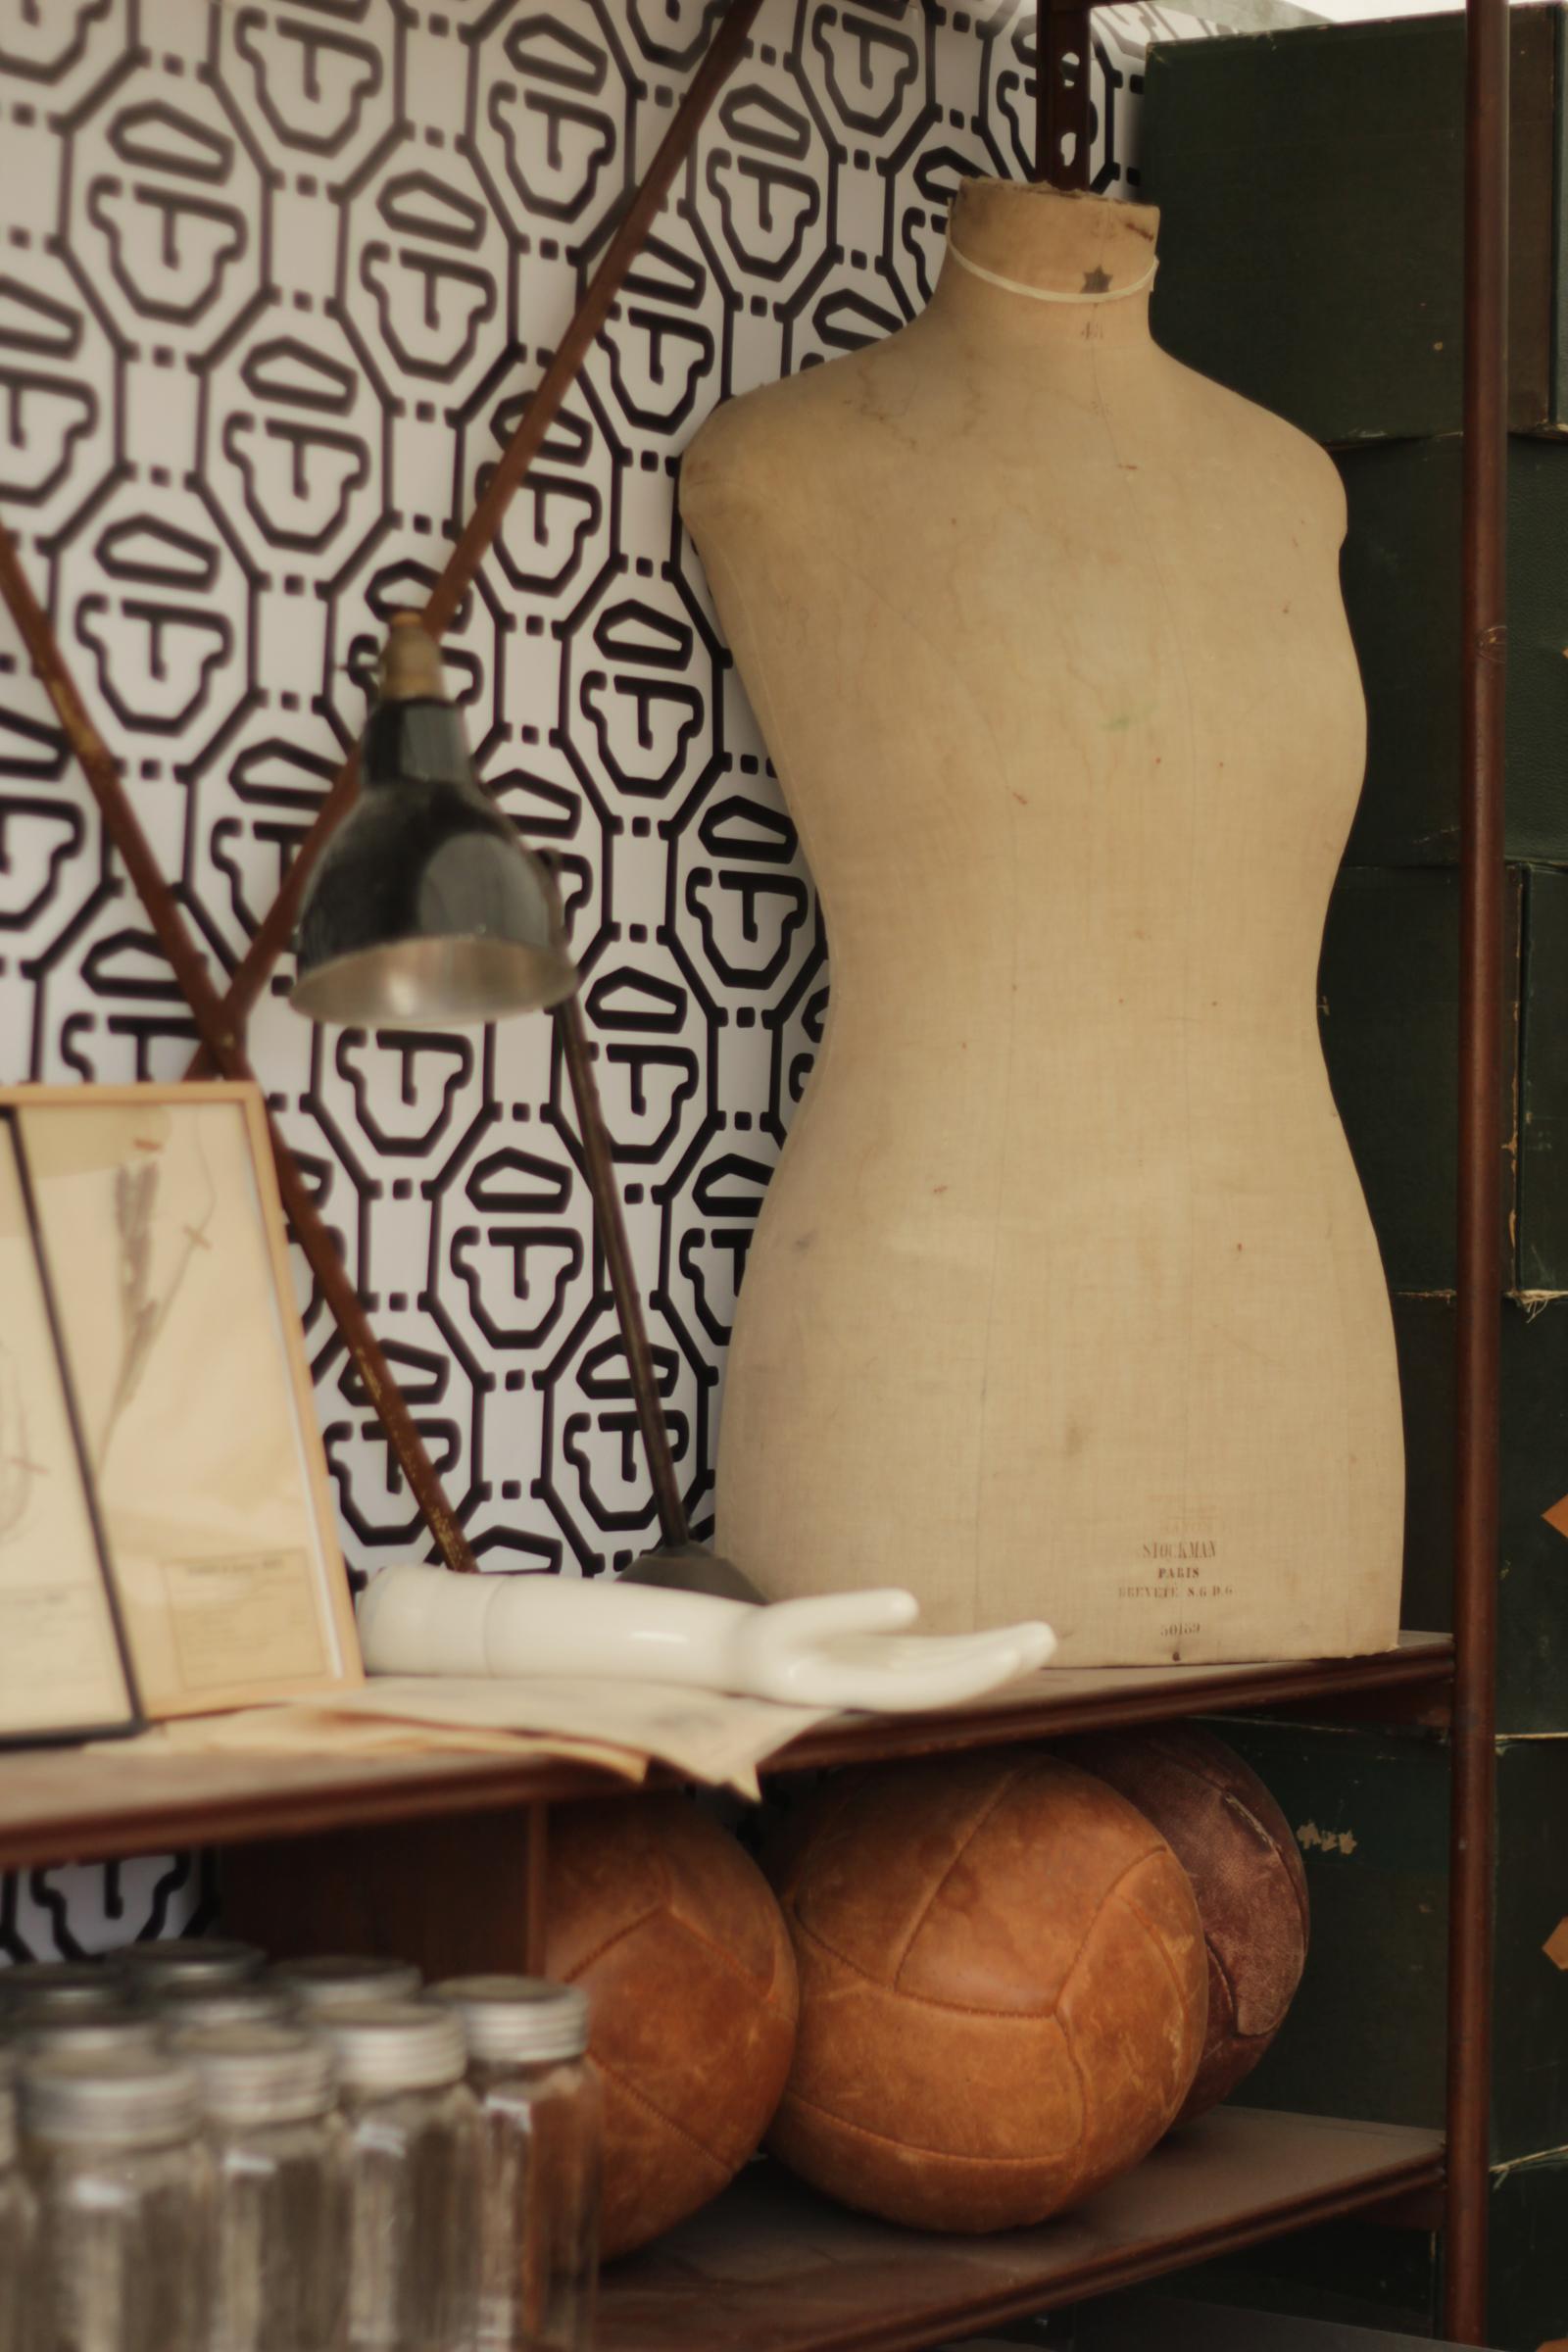 atelier-de-papy-stephanie-caumont-7